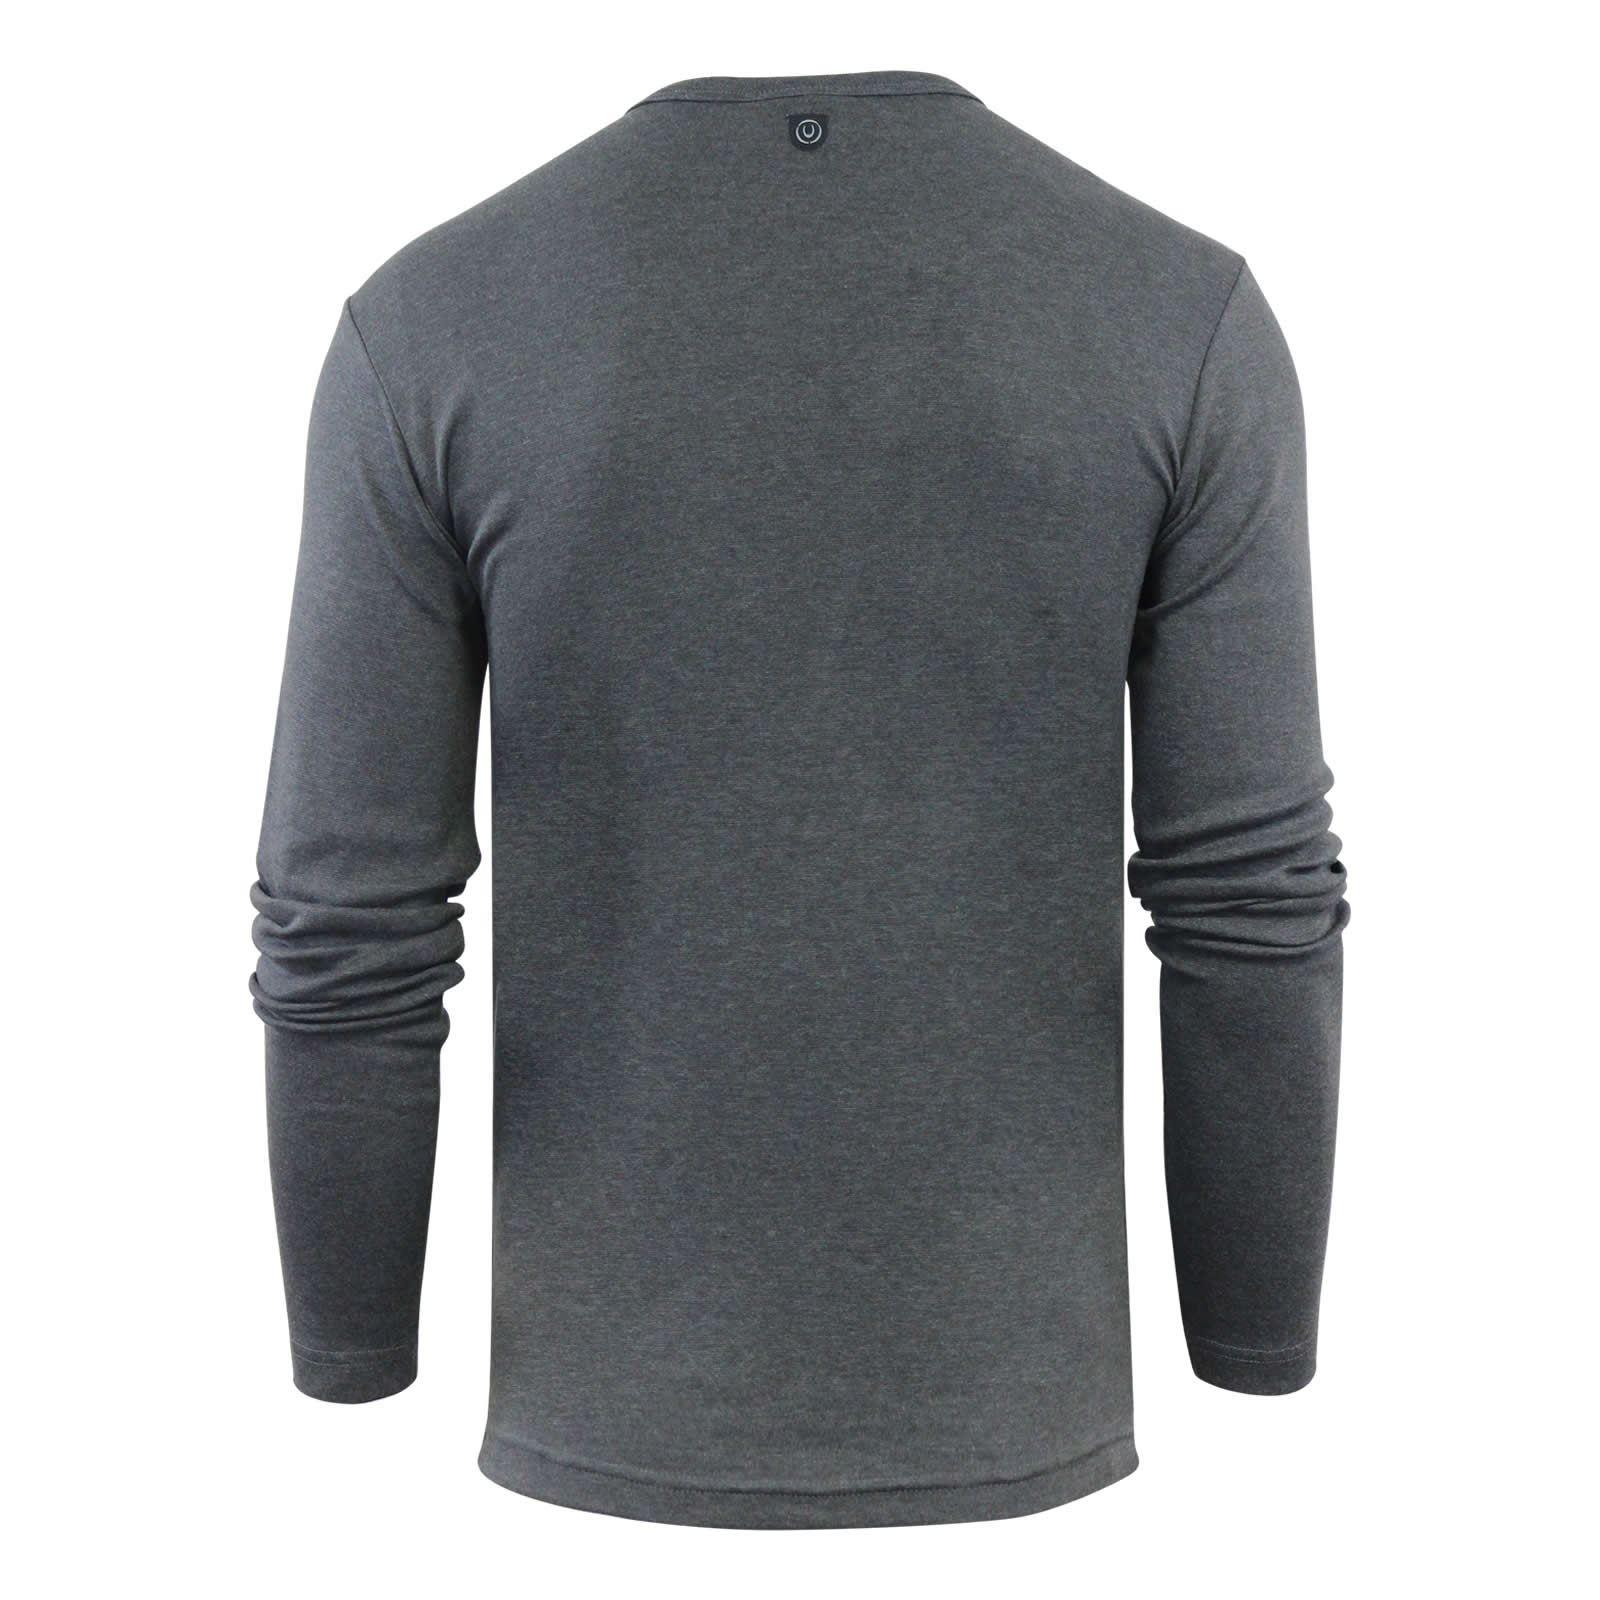 Duck-amp-Cover-STOCK-Homme-T-shirt-coton-confort-stretch-a-encolure-ras-du-cou-T-shirt-manches miniature 9